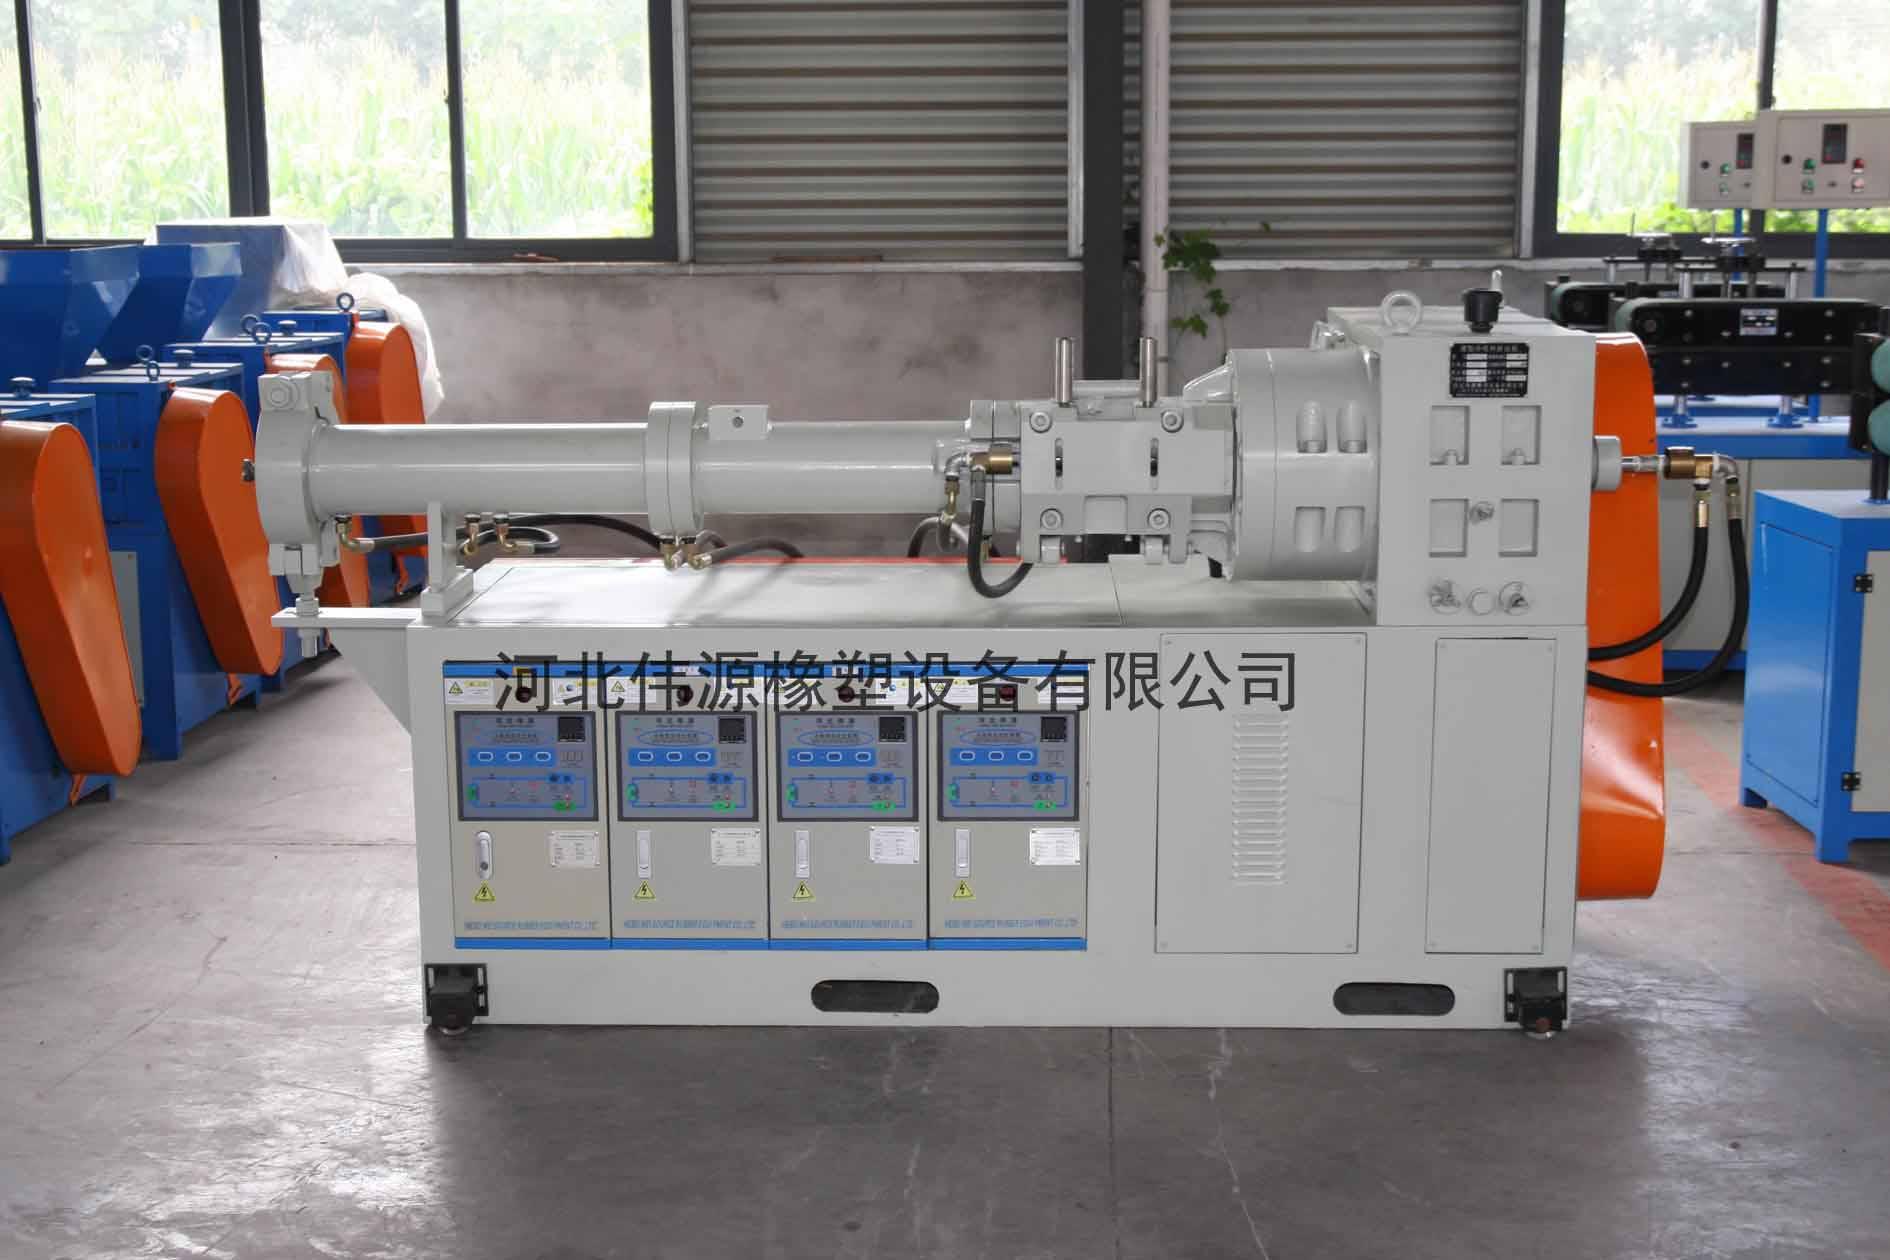 90型冷喂料橡膠擠出機報價-大量供應好用的冷喂料橡膠擠出機